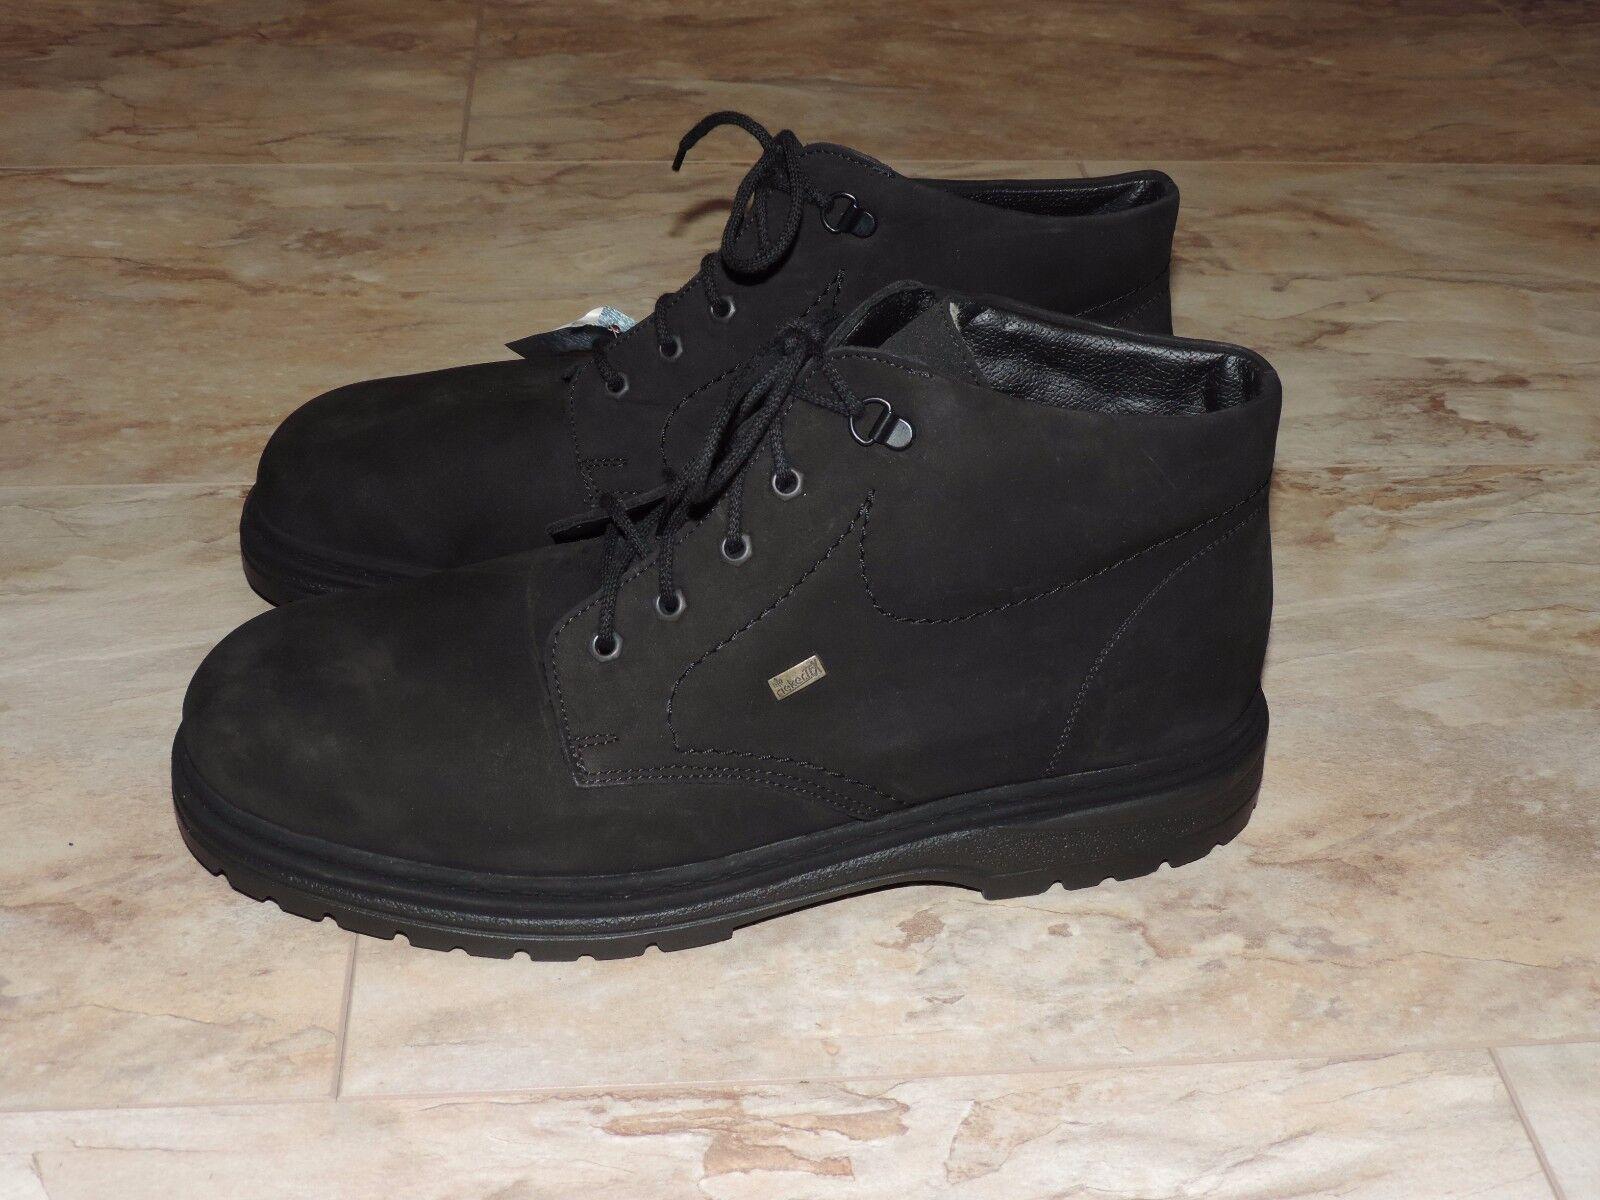 Rieker Herren Winter Boots, Schuhe-Gr. 45